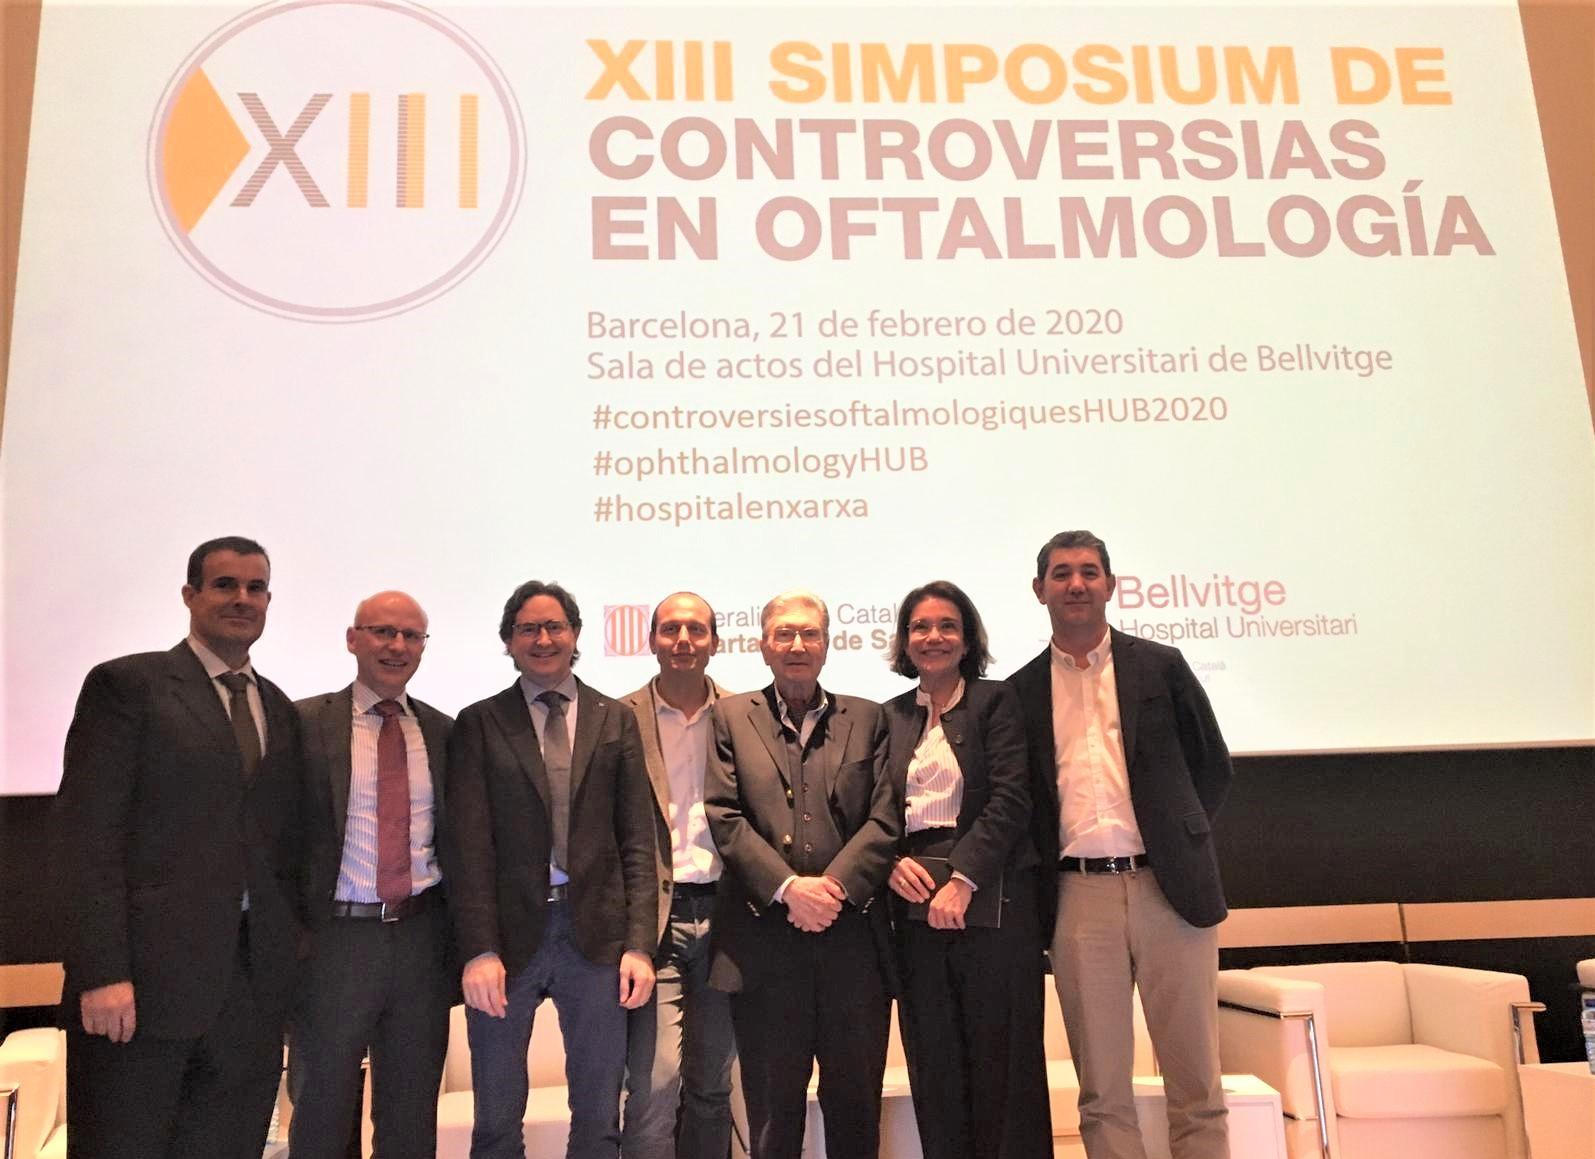 """El Dr. Navero va participar com a expert a la taula rodona """"Casos clínics quirúrgics de glaucoma. Quina tècnica triar? """", on va discutir diferents casos clínics i la millor tècnica per tractar-los."""